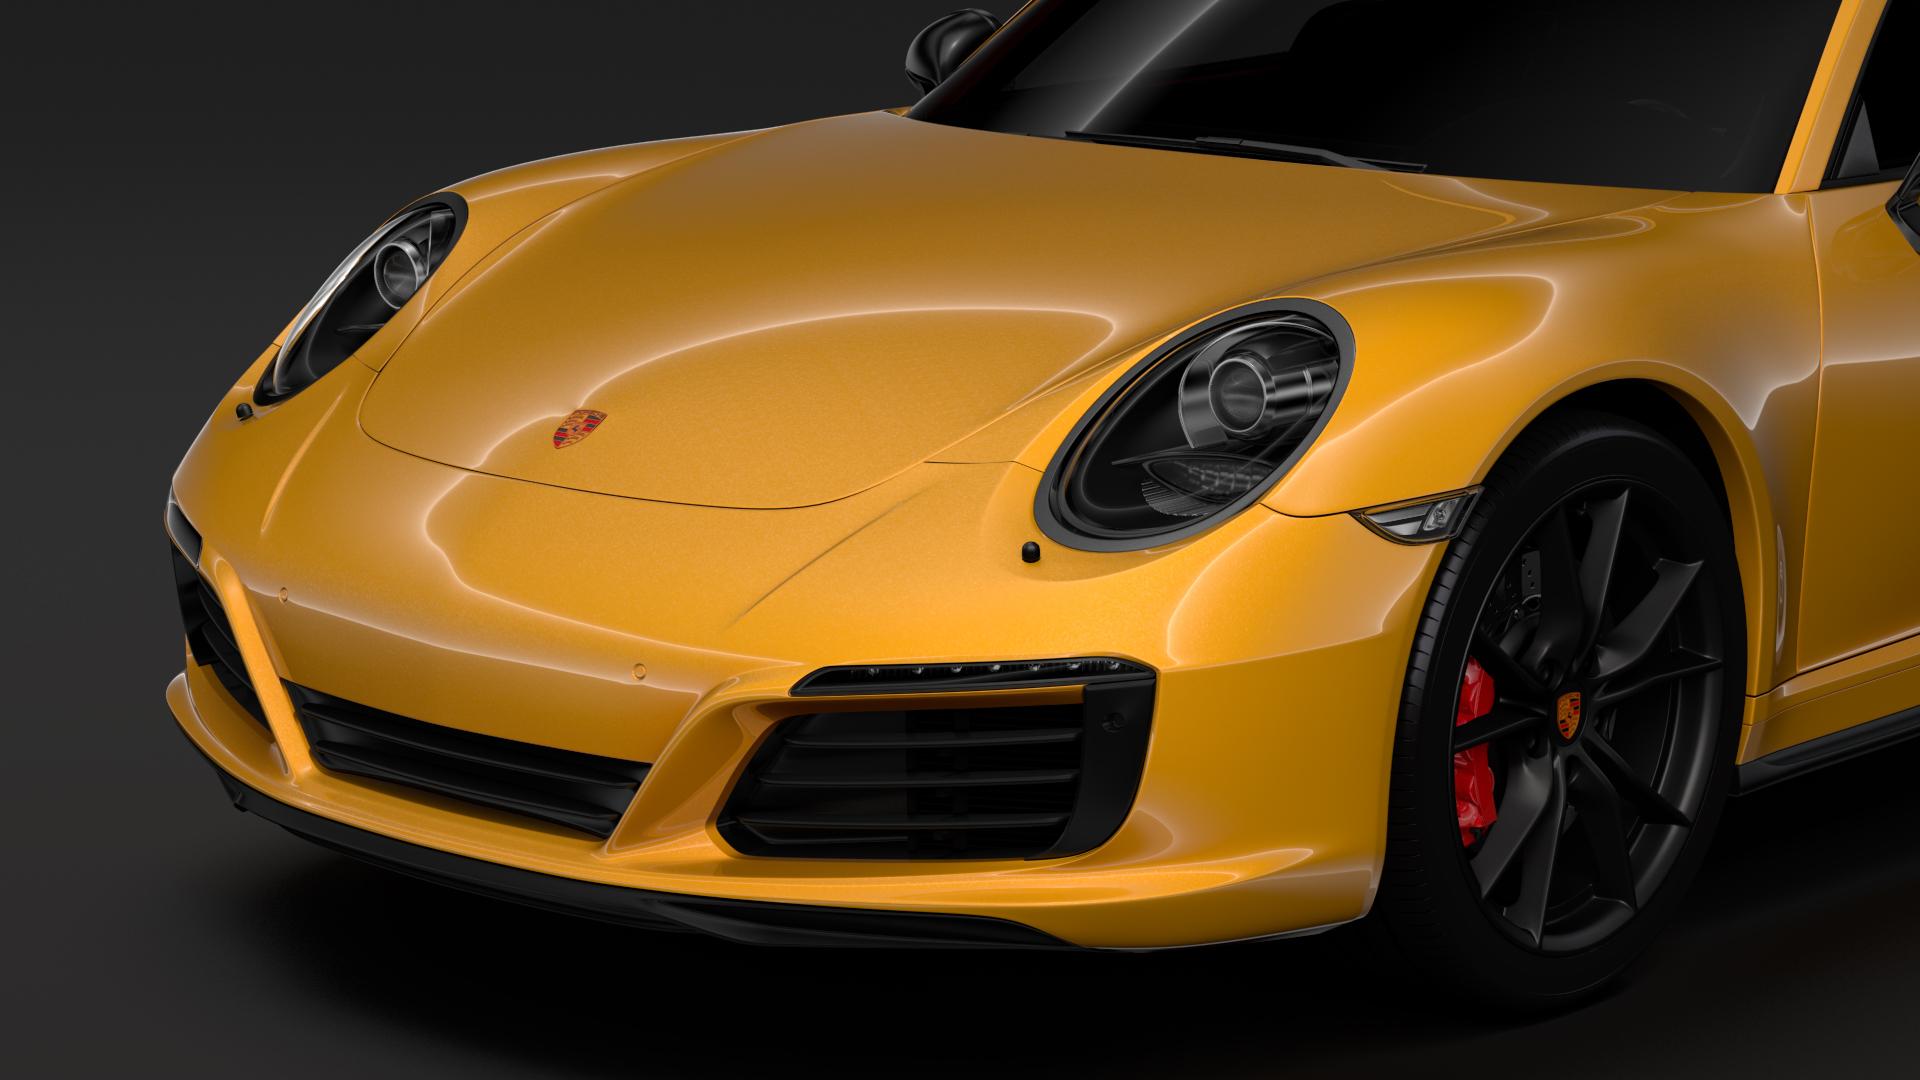 porsche 911 carrera t coupe (991) 2018 3d model max fbx c4d lwo ma mb hrc xsi obj 278964